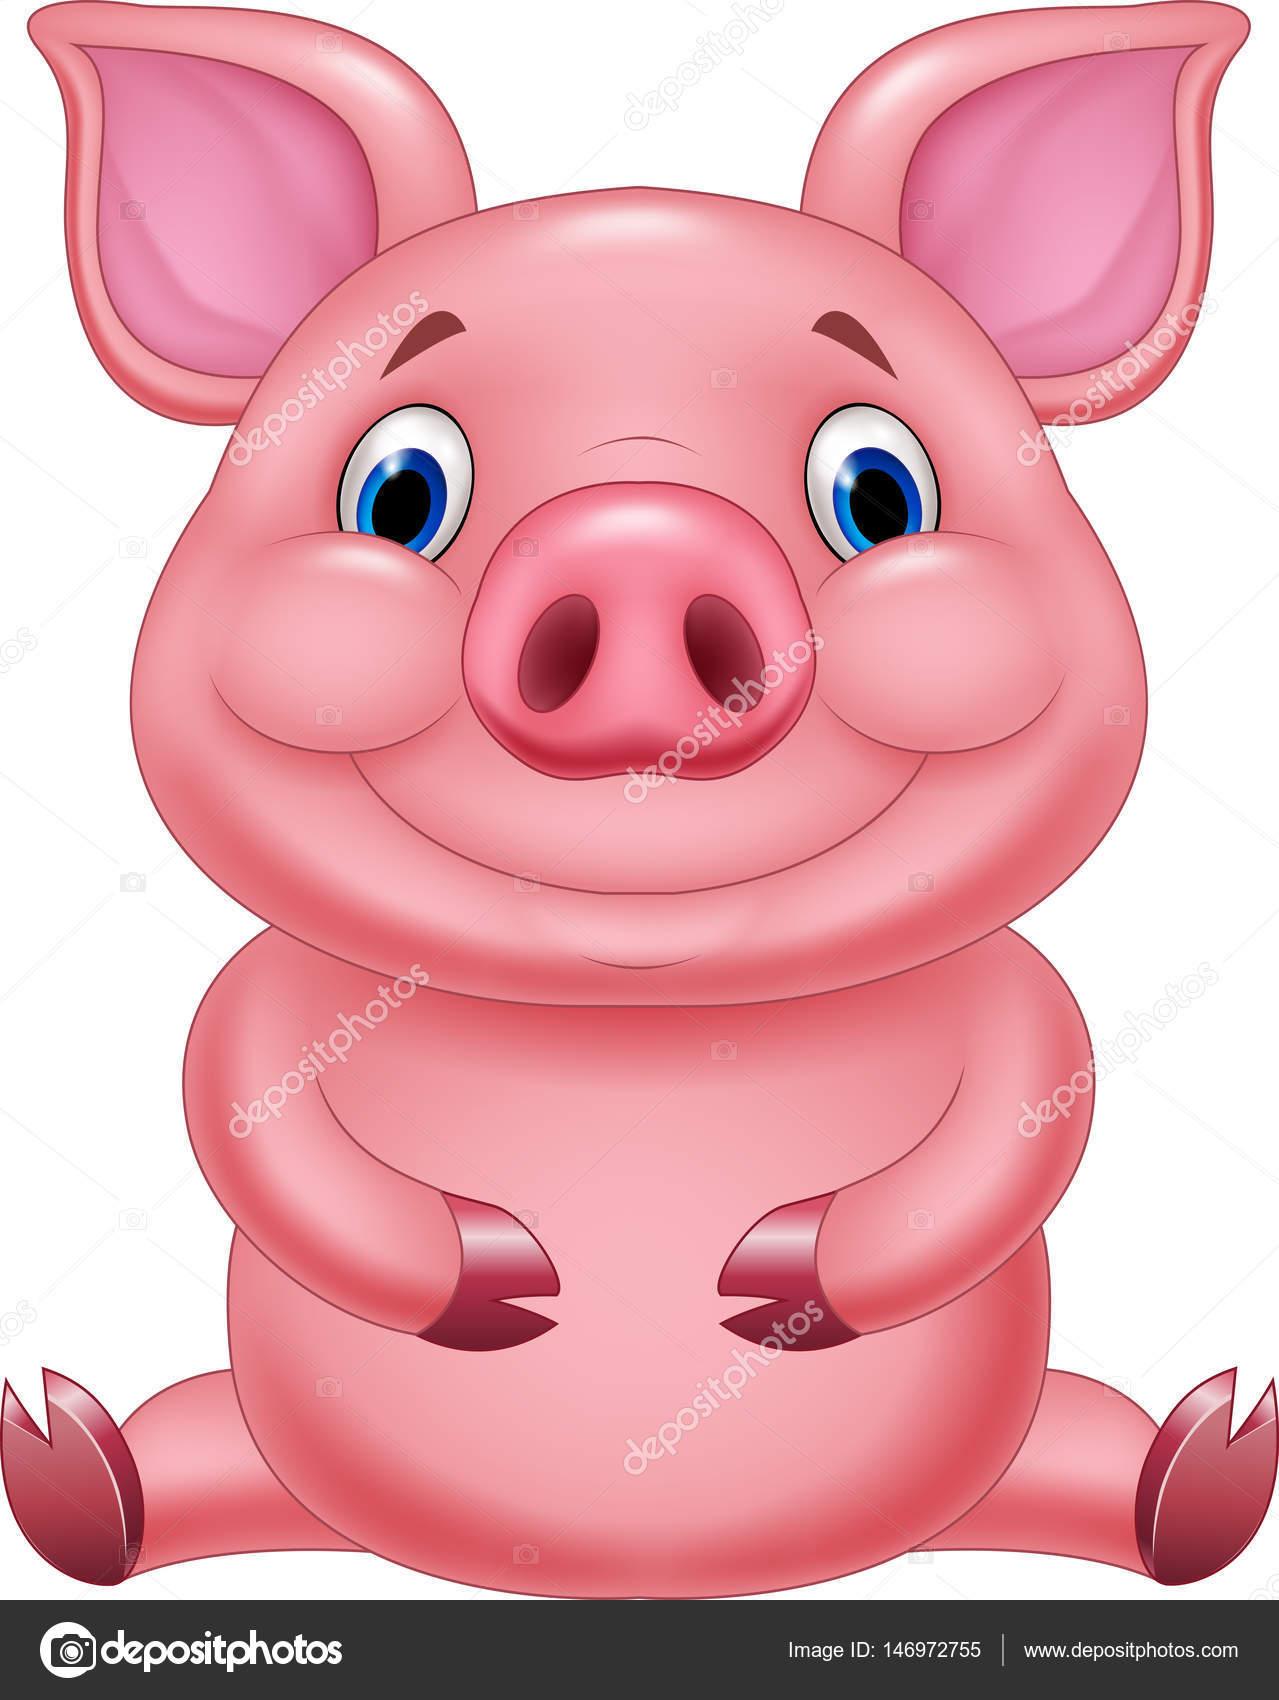 S ance de dessin anim mignon b b cochon image - Dessin cochon mignon ...